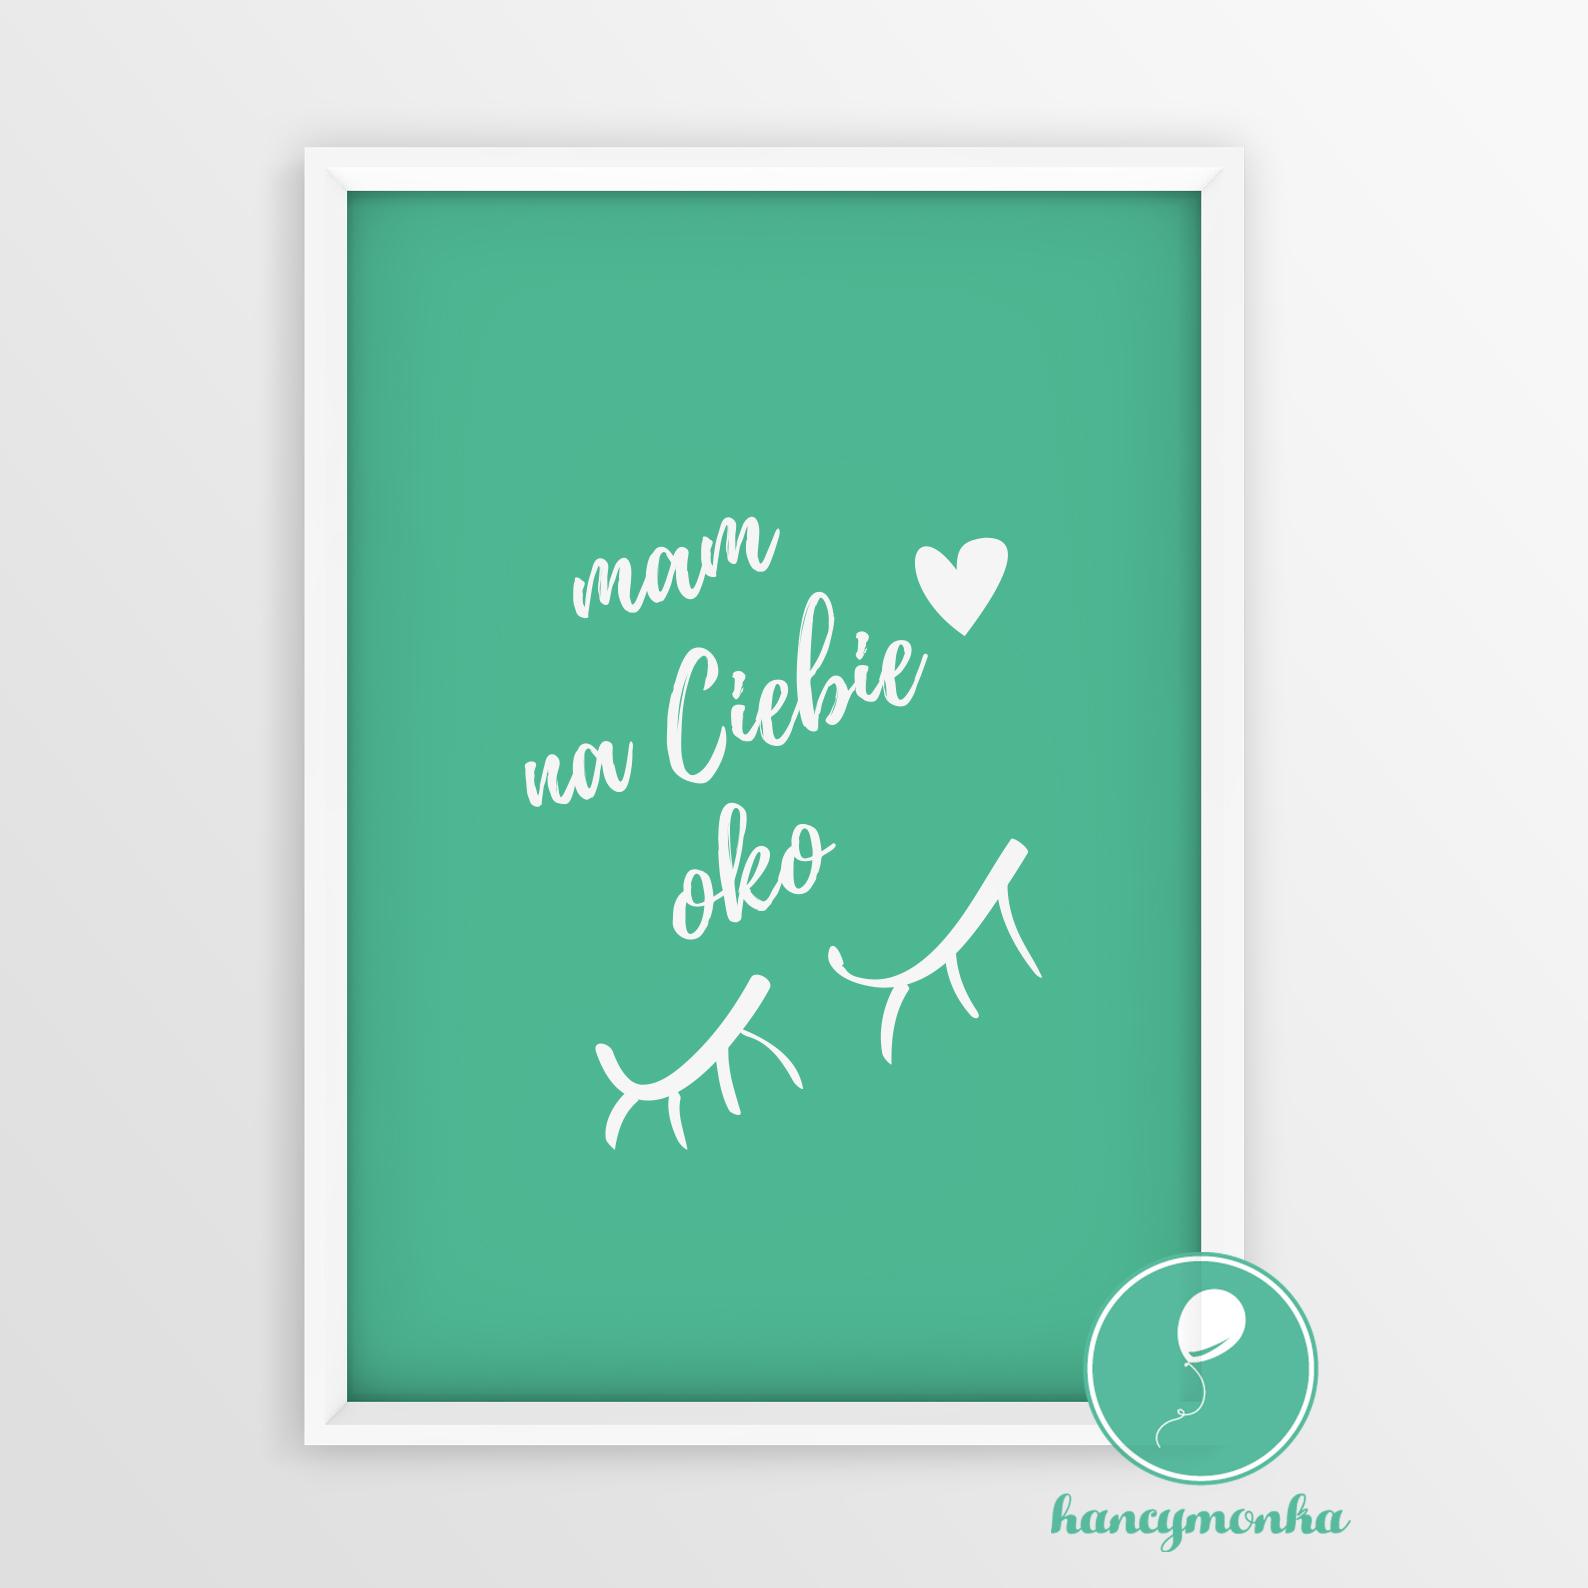 plakaty ikartki walentynkowe, valentines cards, posters, hancymonka, grafiki do druku, do wydruku, za darmo, freebie, walentynki, miłość